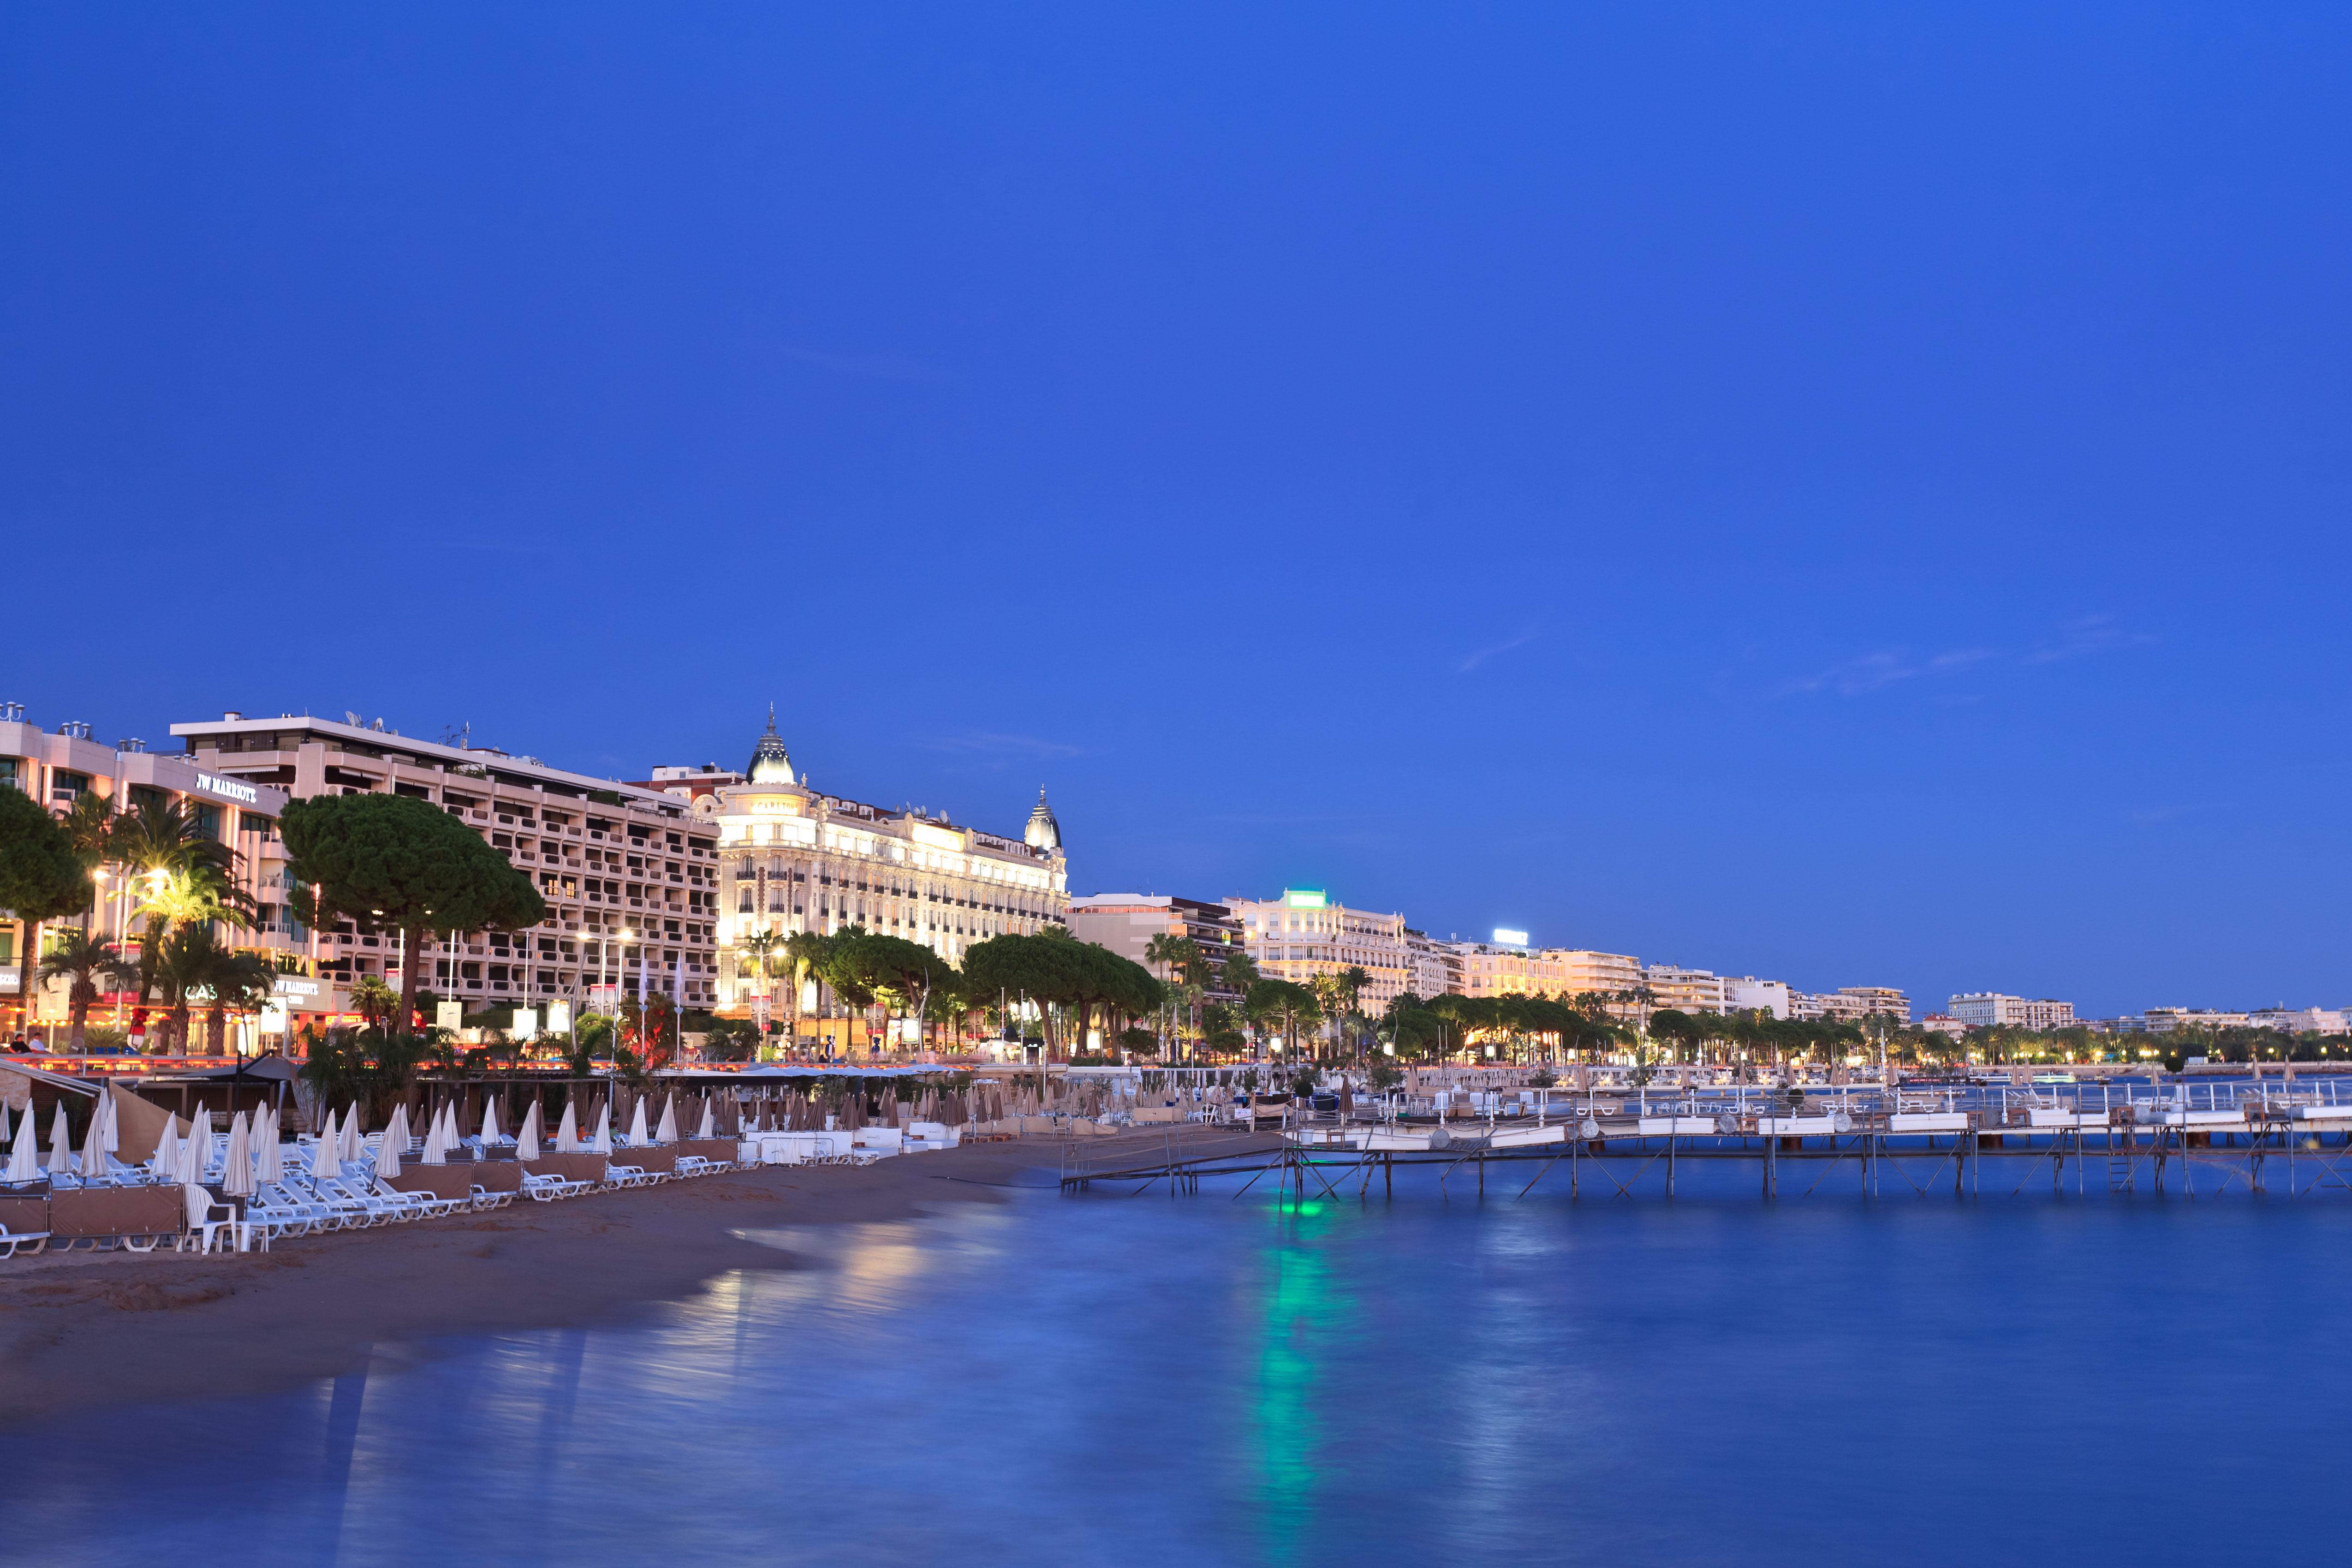 La Croisette Cannes - Côte d'Azur